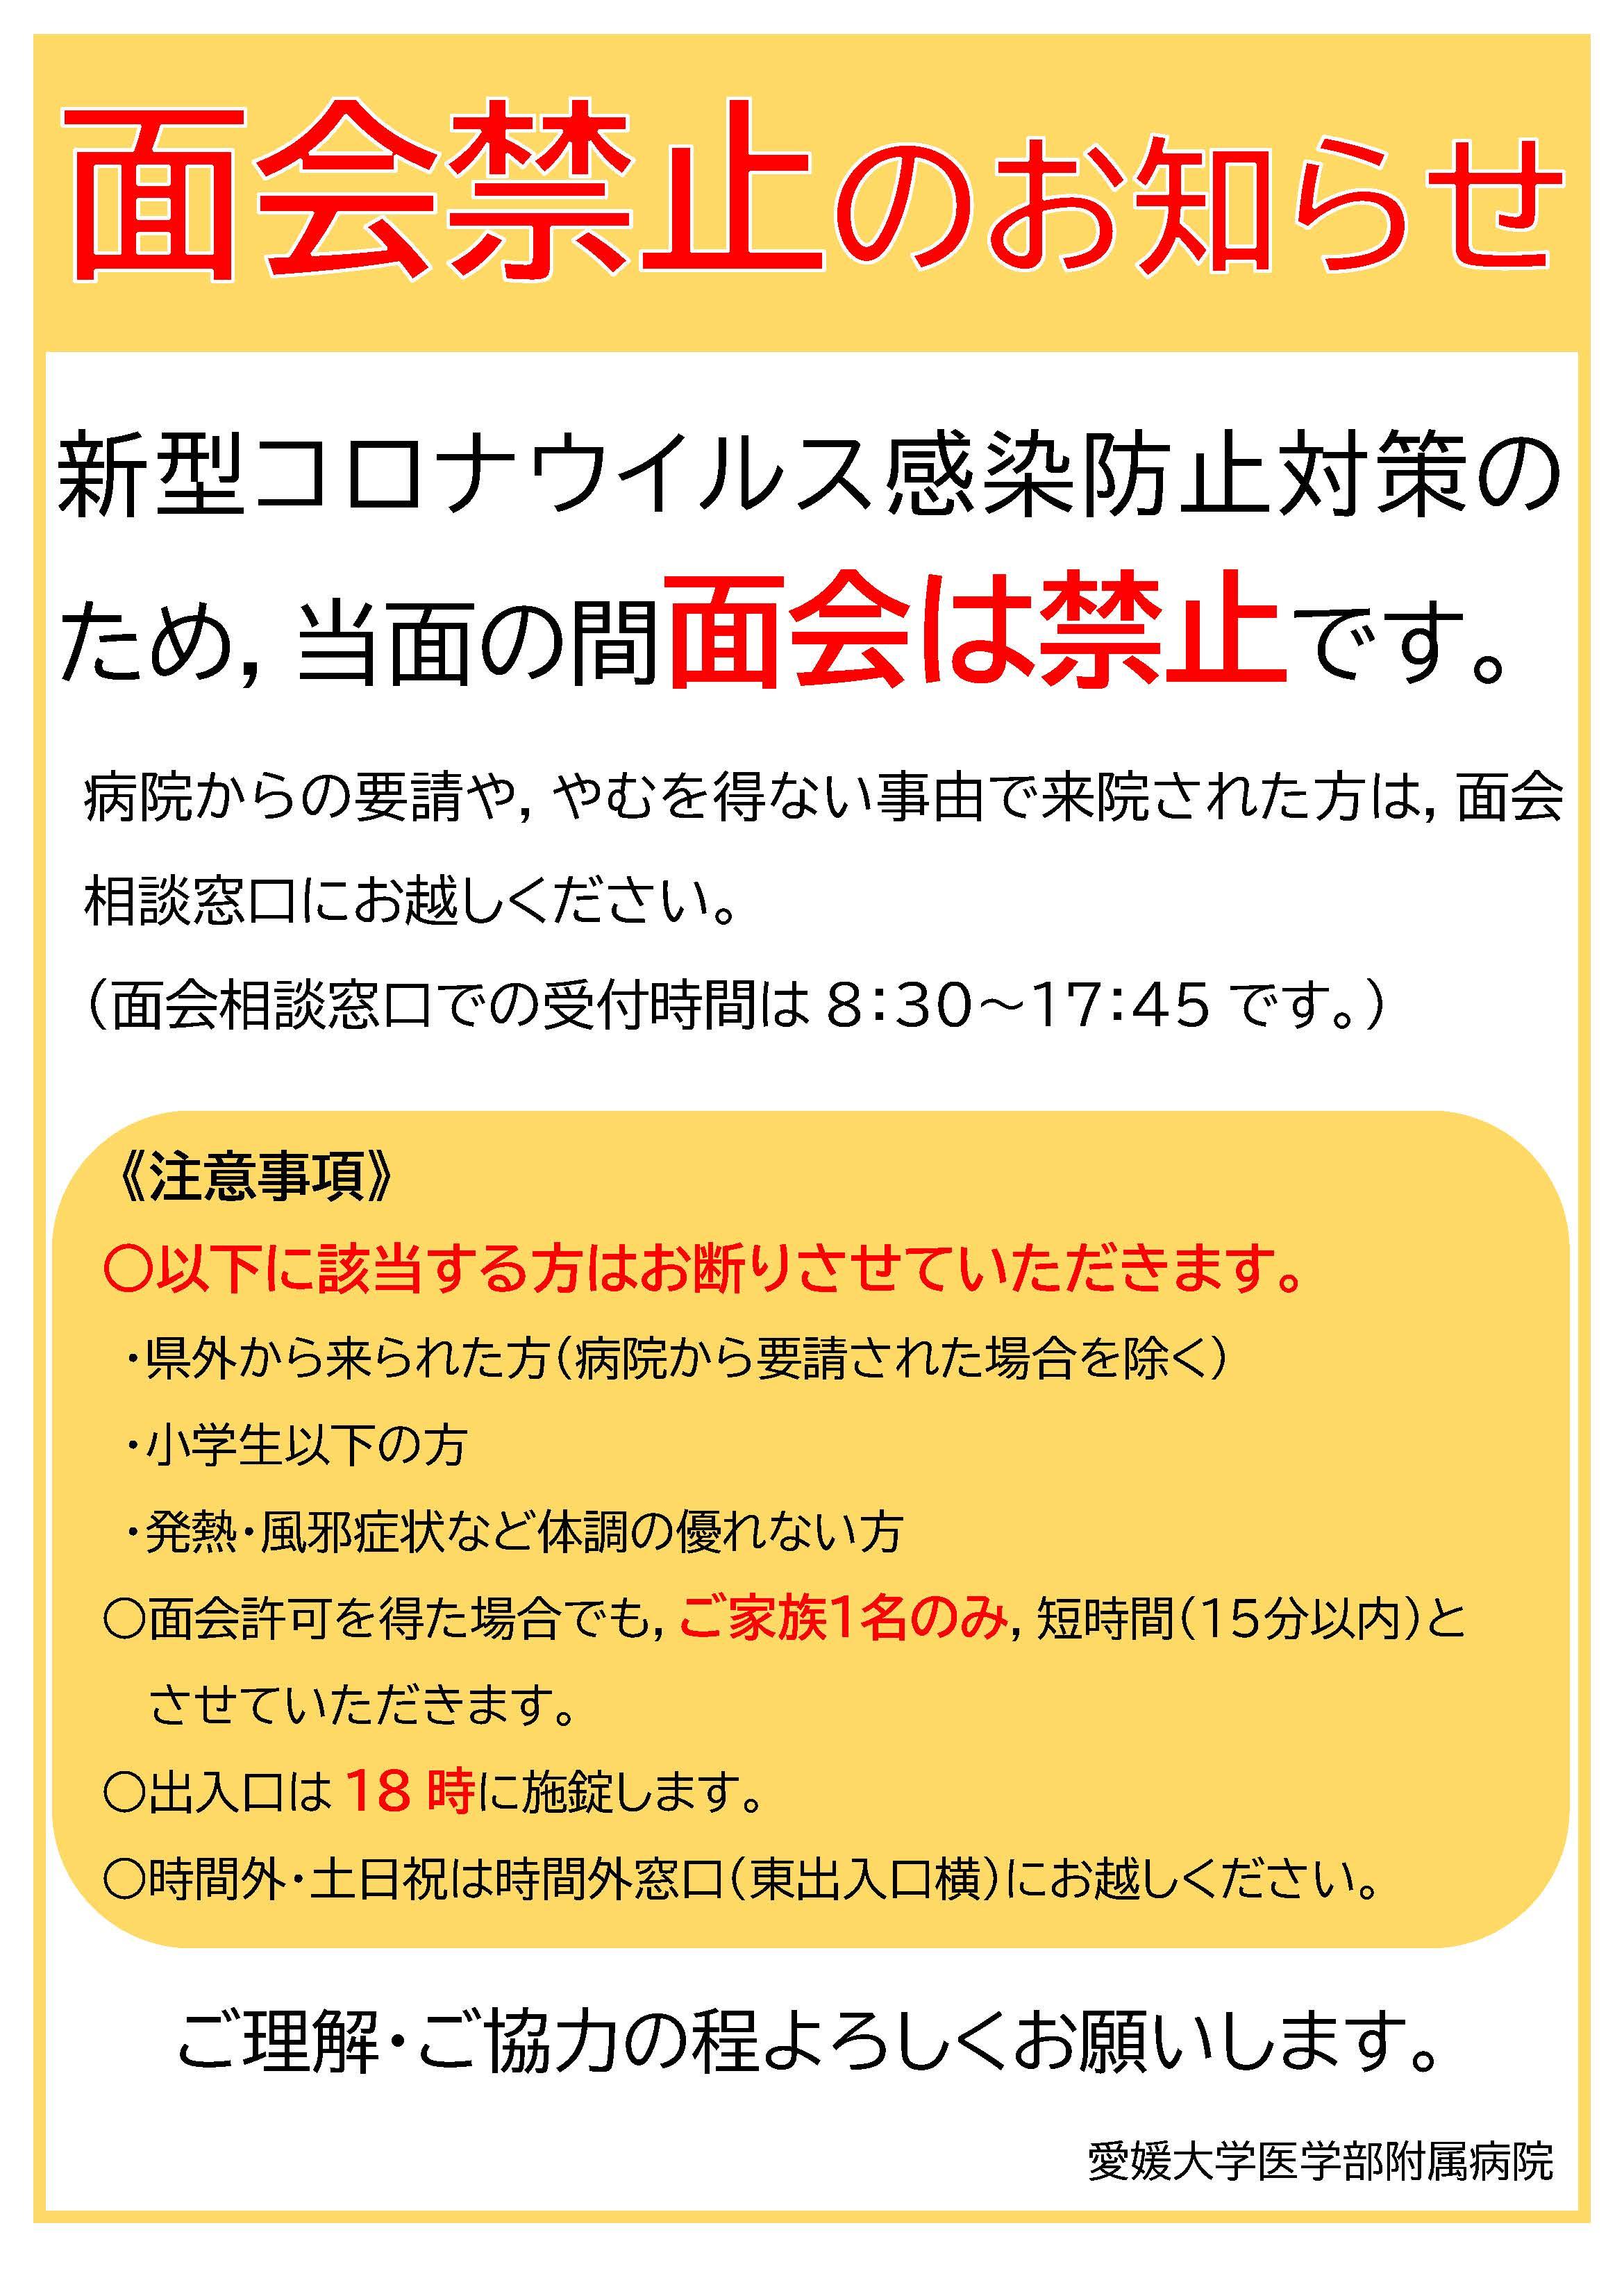 愛媛 県 コロナ 最新 情報